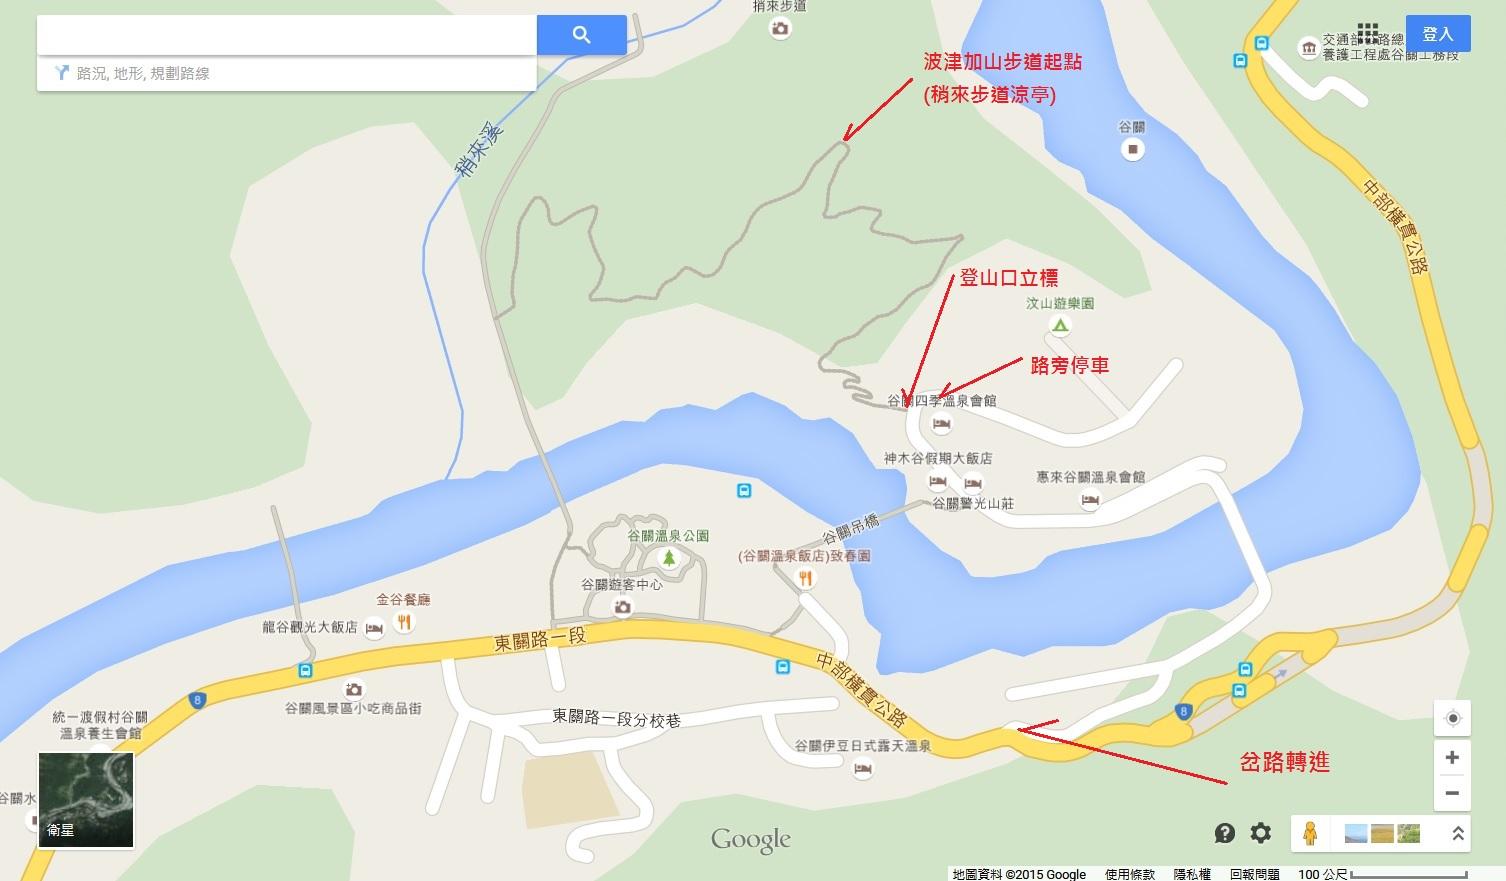 交通指引地圖